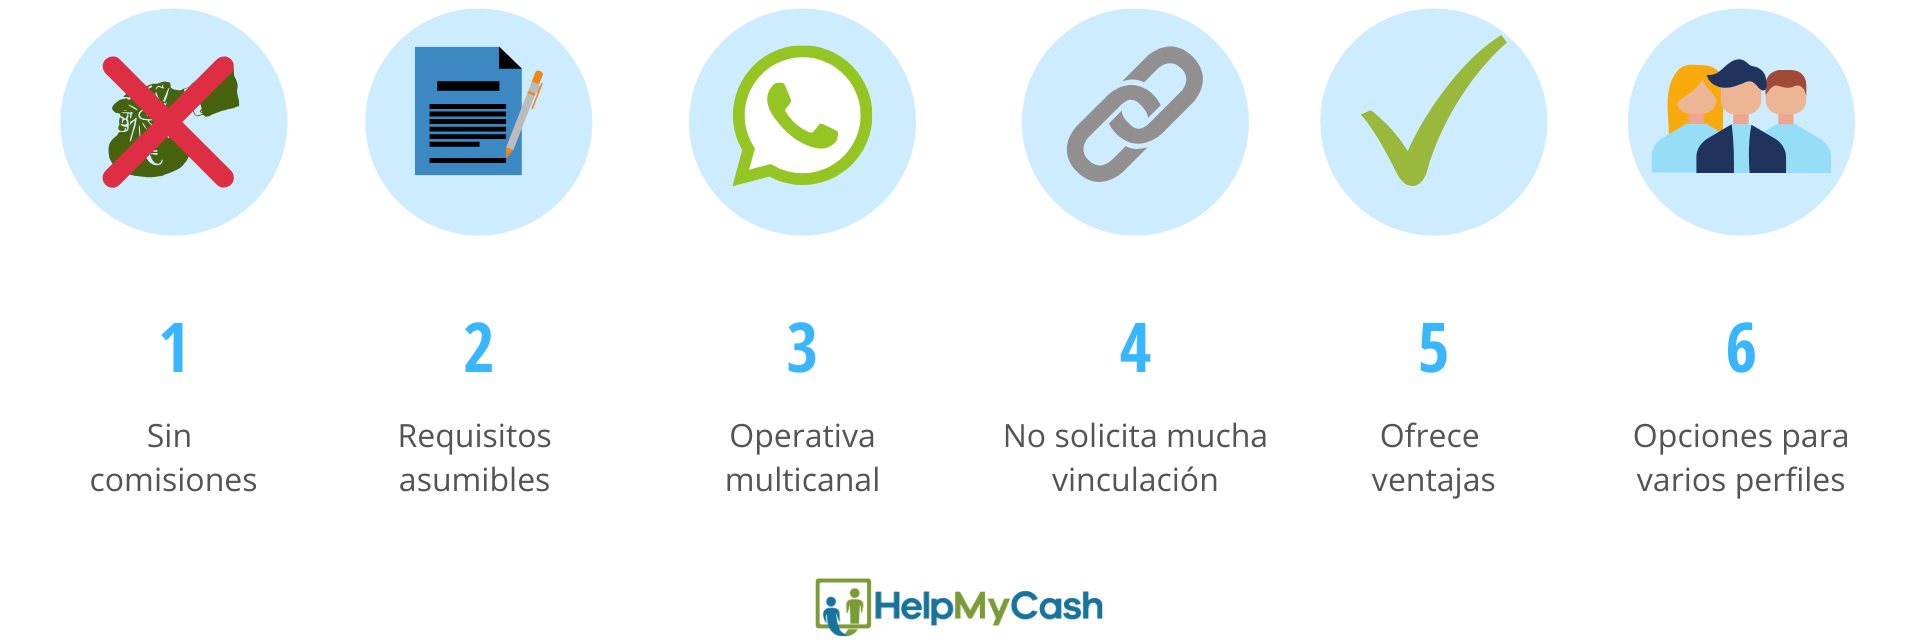 Mejor banco para una cuenta corriente: 1-sin comisiones. 2- requisitos asumibles. 3- operativa multicanal. 4- no solicita mucha vinculación. 5- ofrece ventajas. 6- opciones para varios perfiles